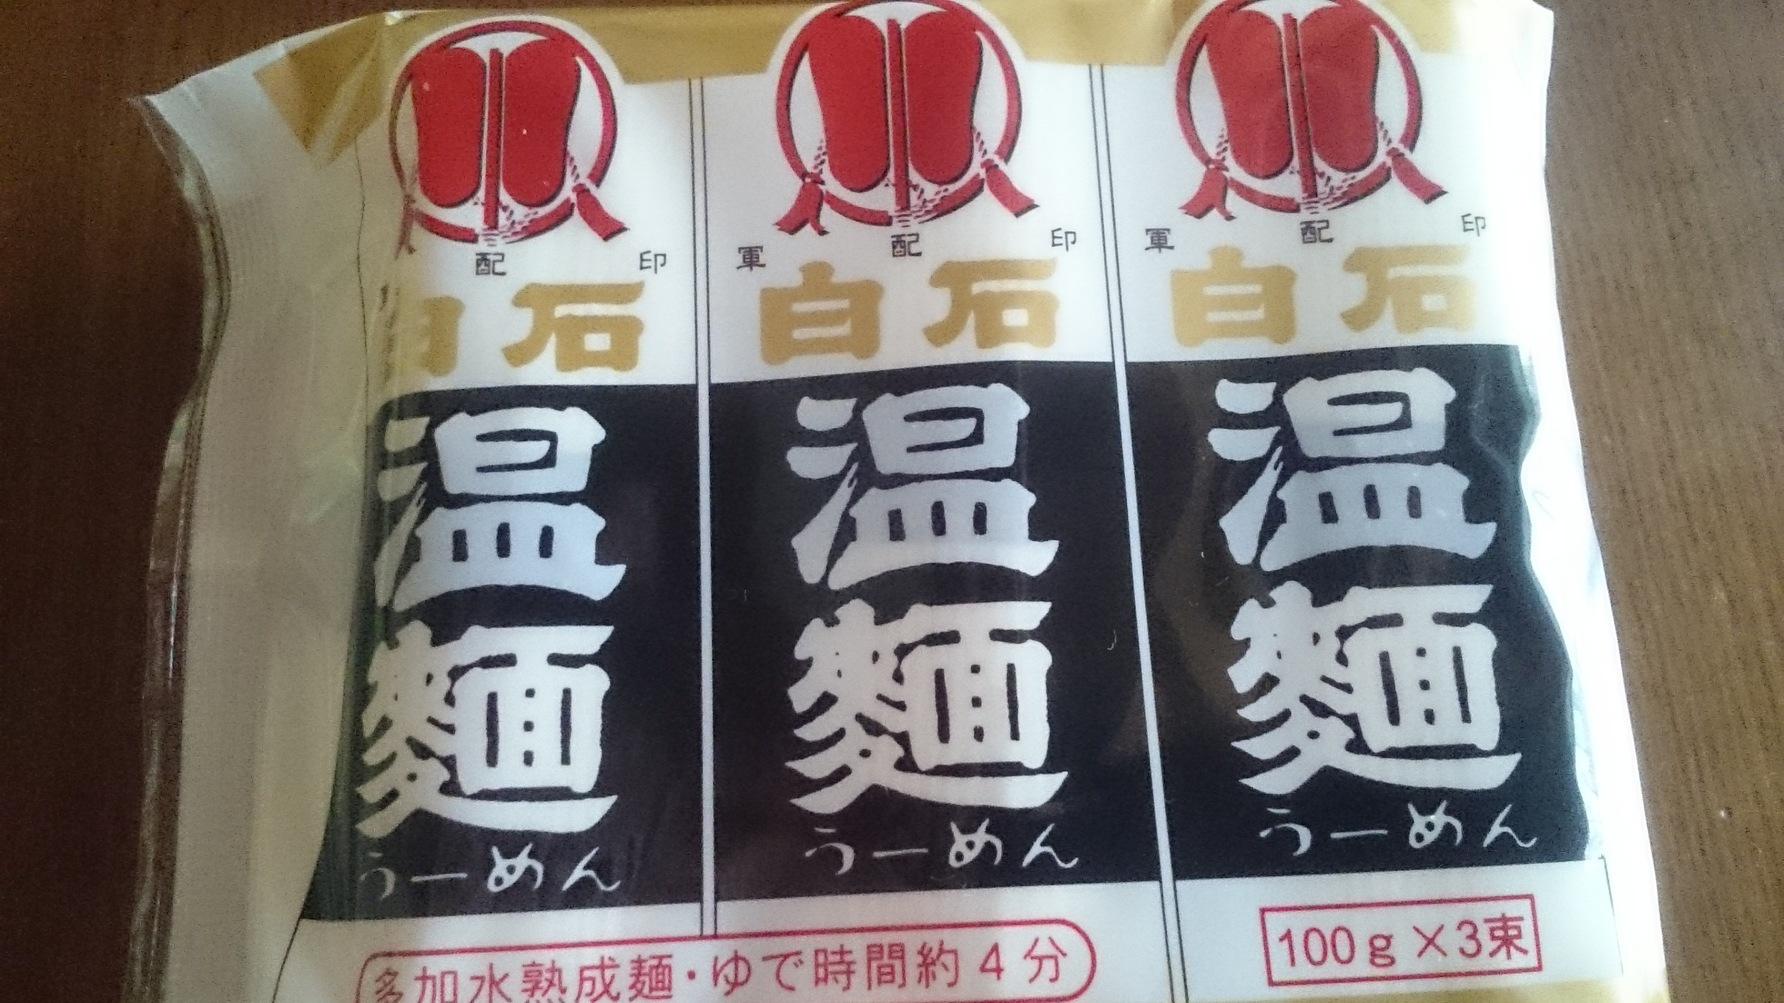 菅生PA・上り ショッピングコーナー